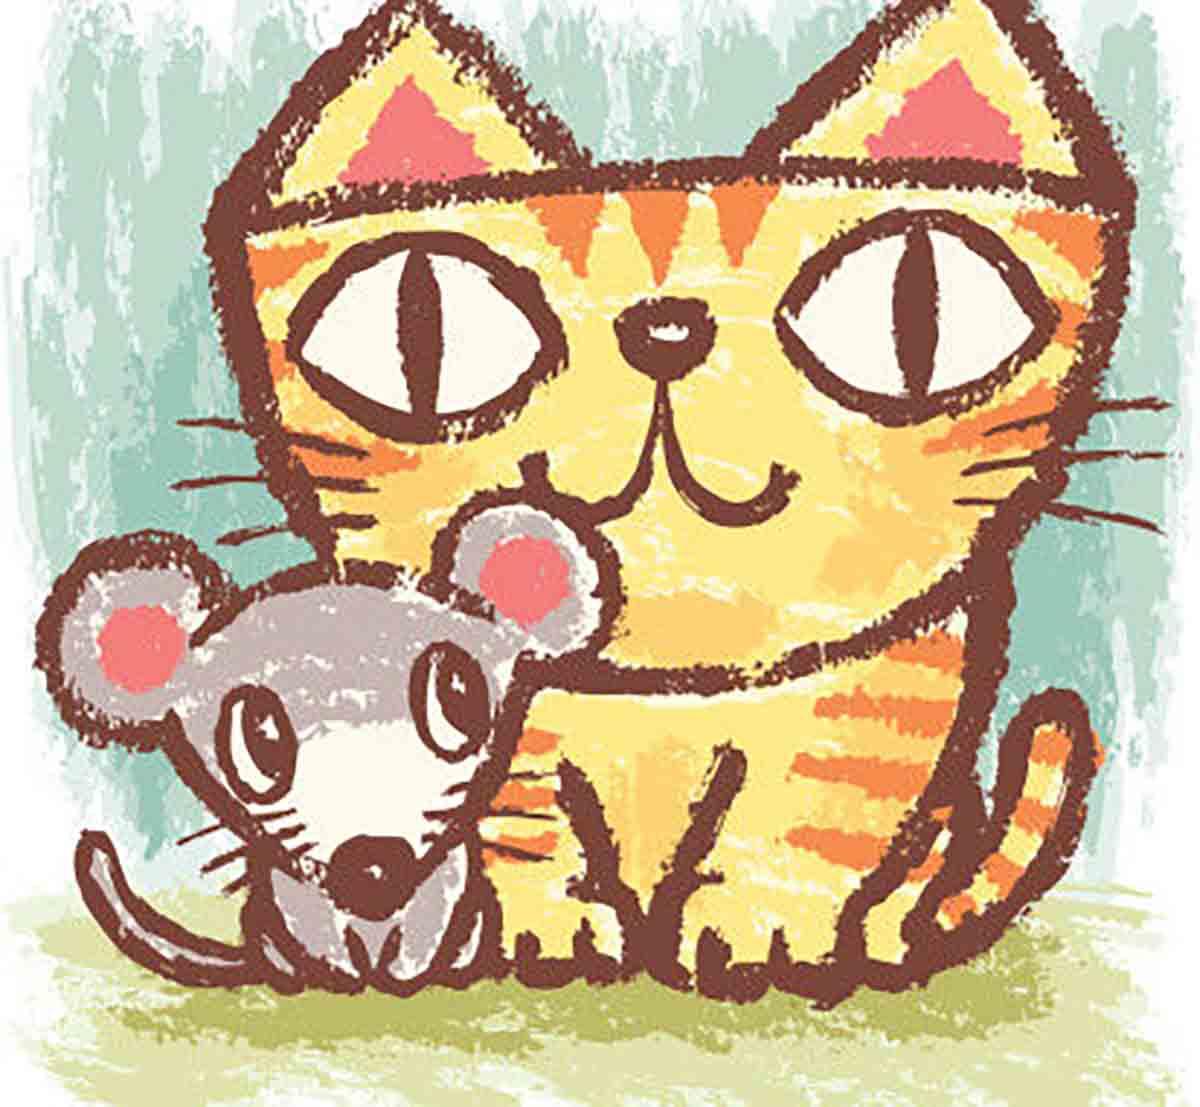 el raton y el gato hacen vida comun cuento corto